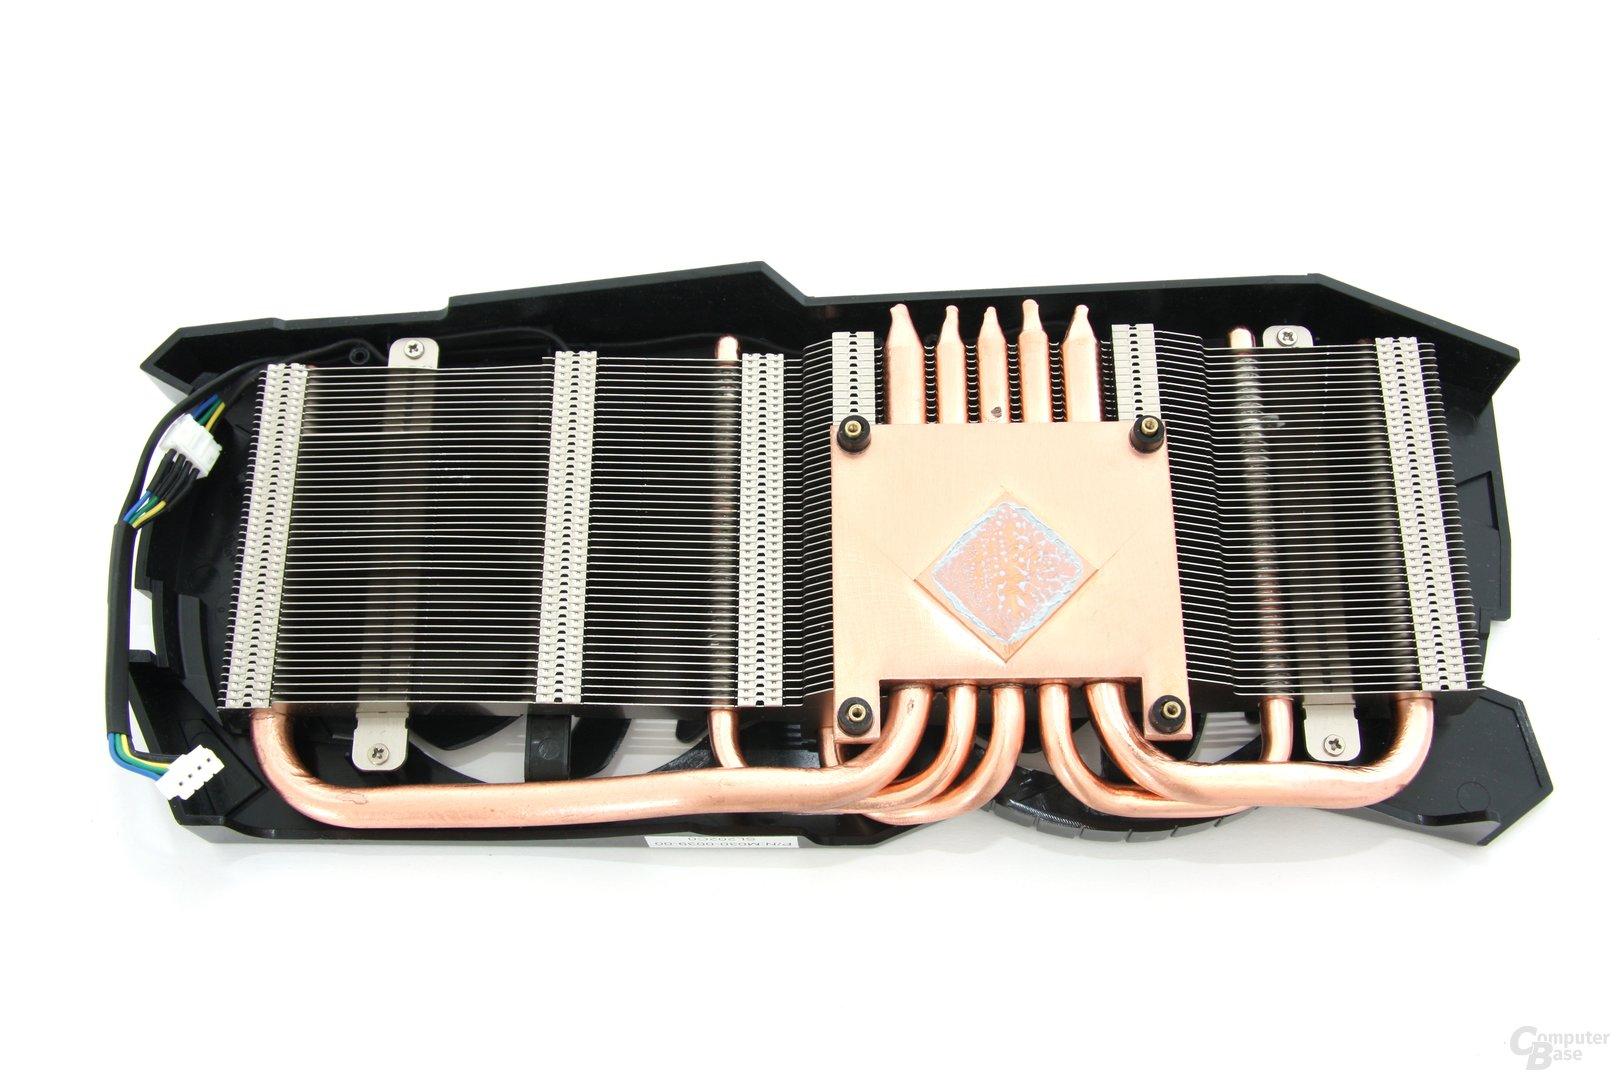 Radeon HD 7950 OC Kühlerrückseite